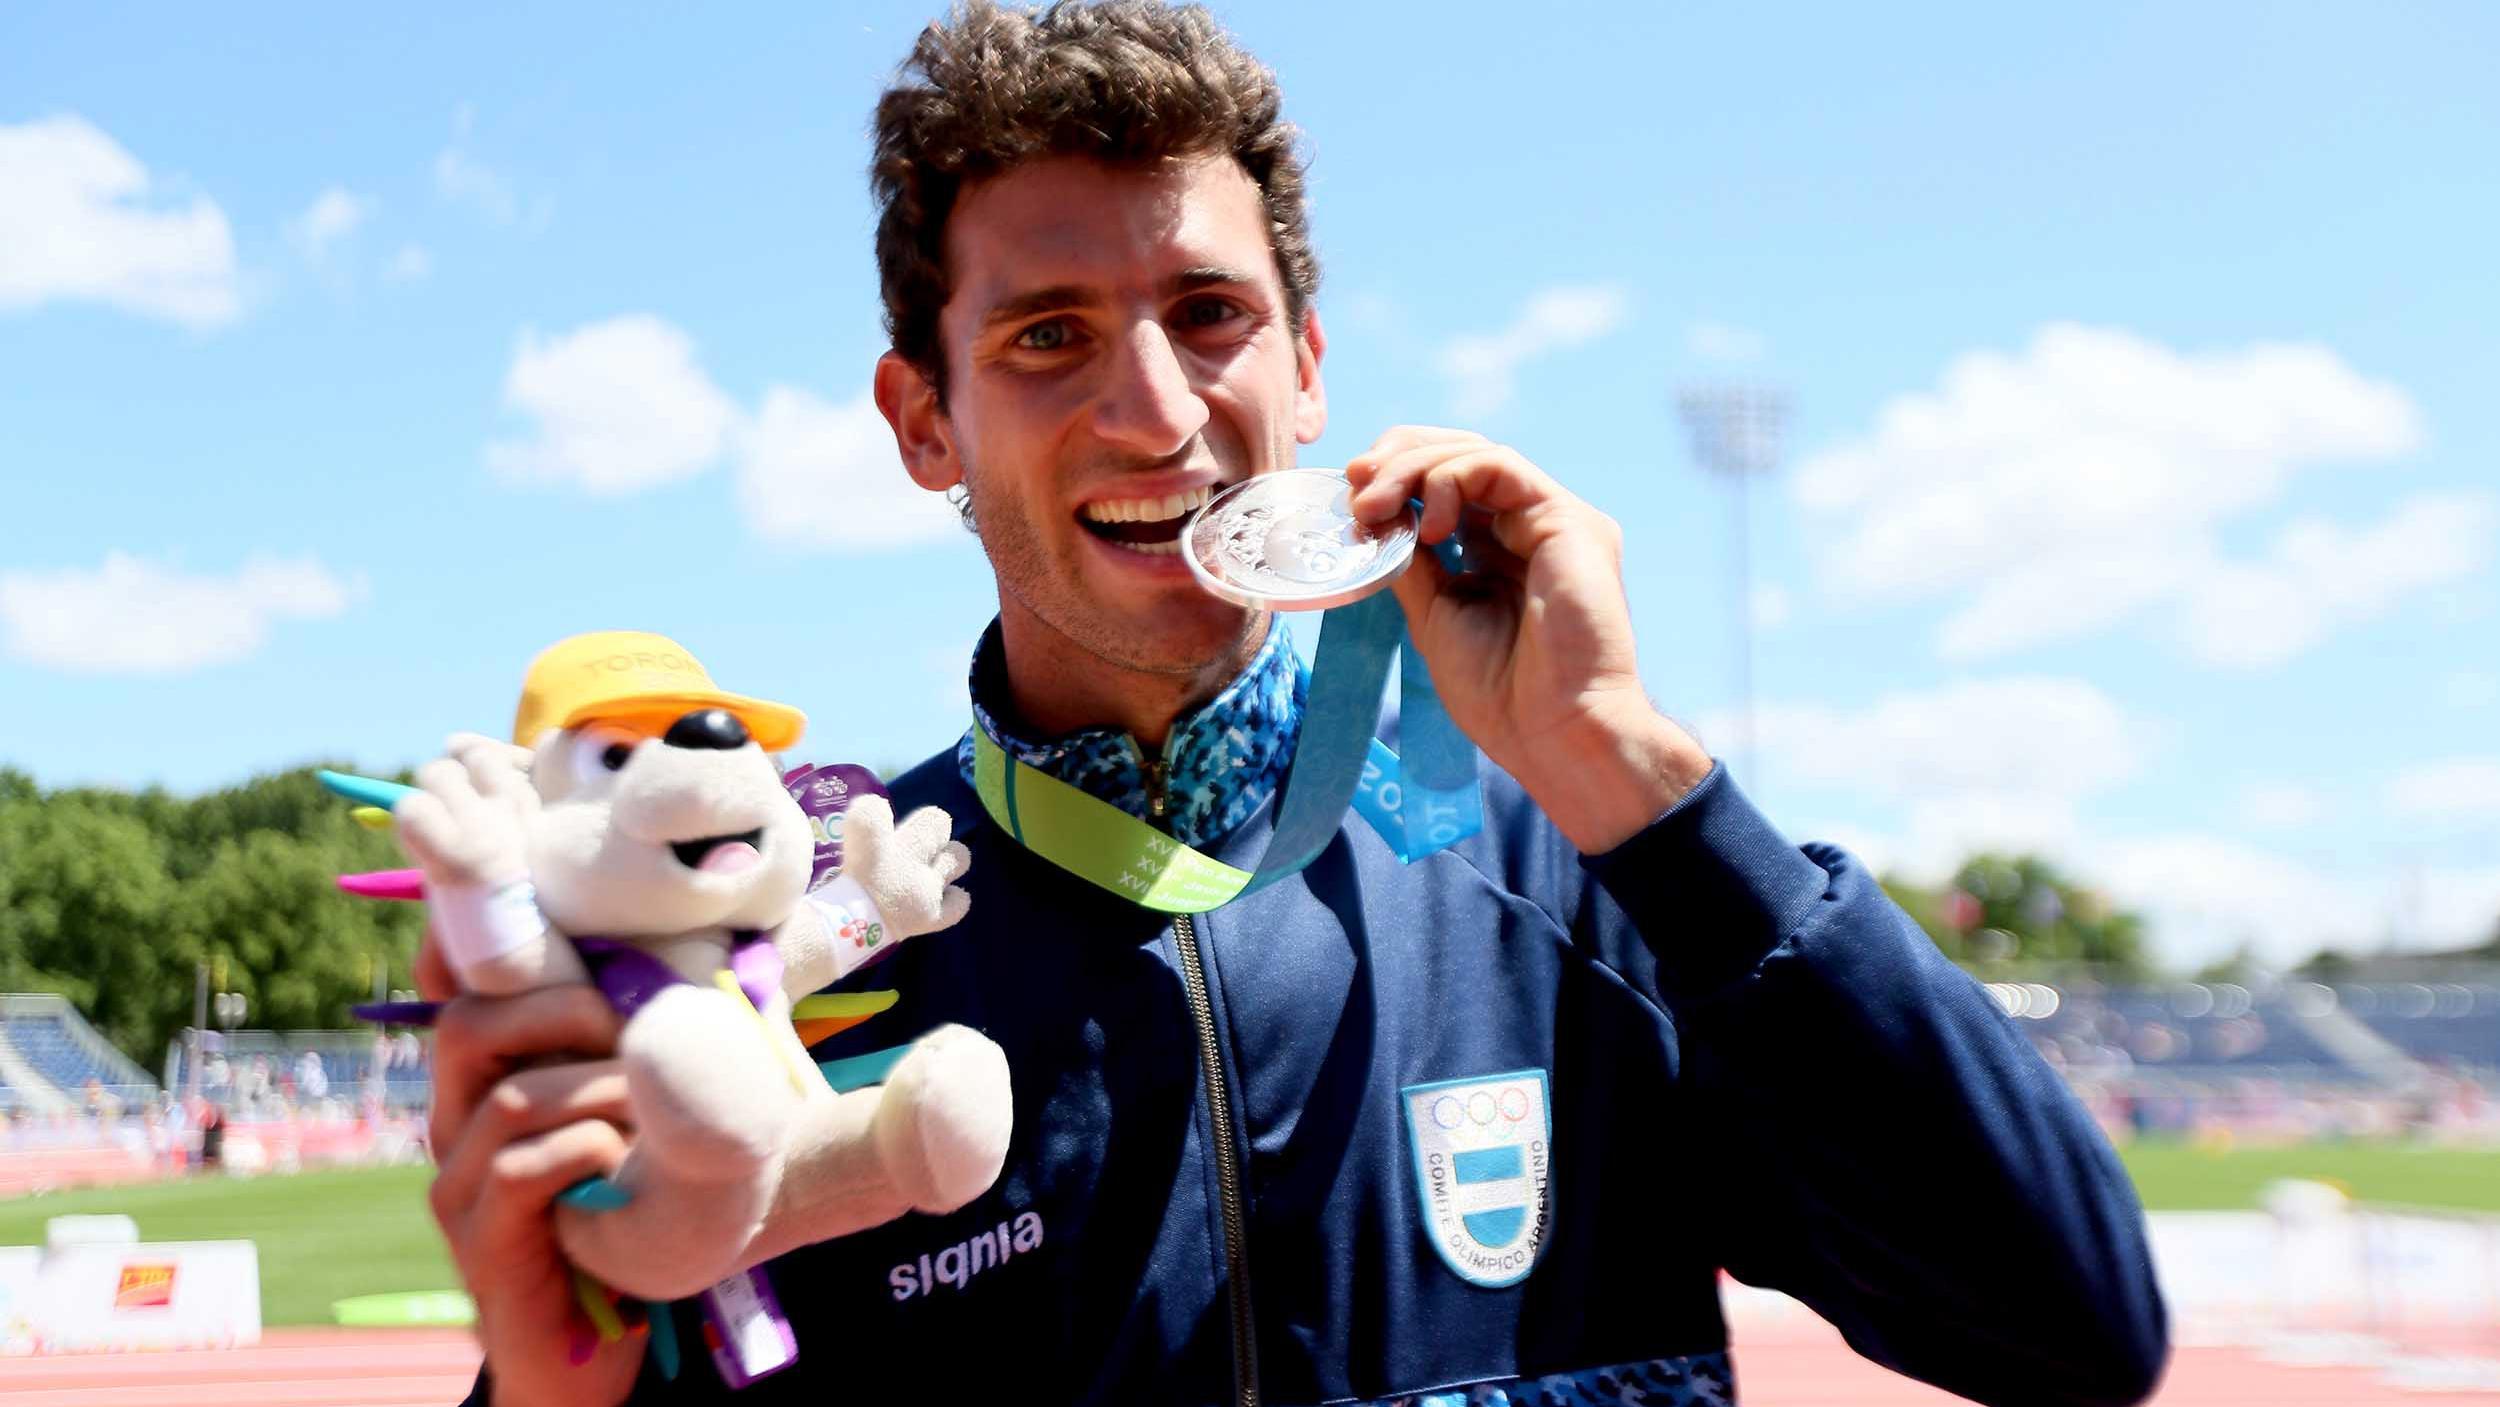 Chiaraviglio, de 27 años, logró una marca de 5,75 metros. (Foto: Télam)